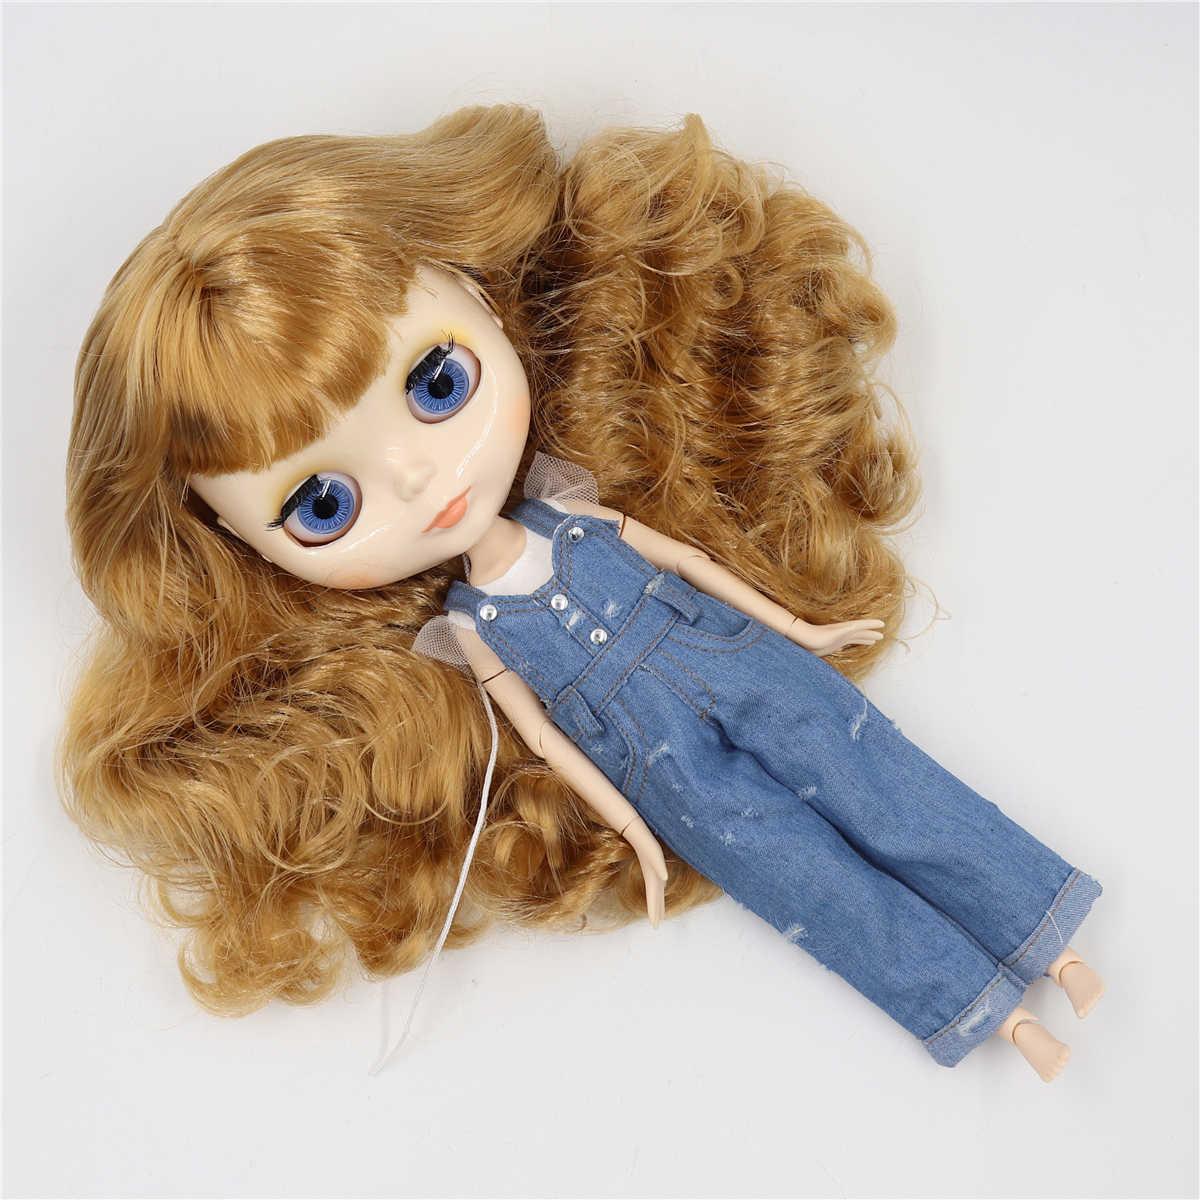 Icy Dbs Blyth Pop Bjd Speelgoed Joint Body Wit Huid Glanzend Gezicht 30Cm 1/6 Op Verkoop Speciale Aanbieding